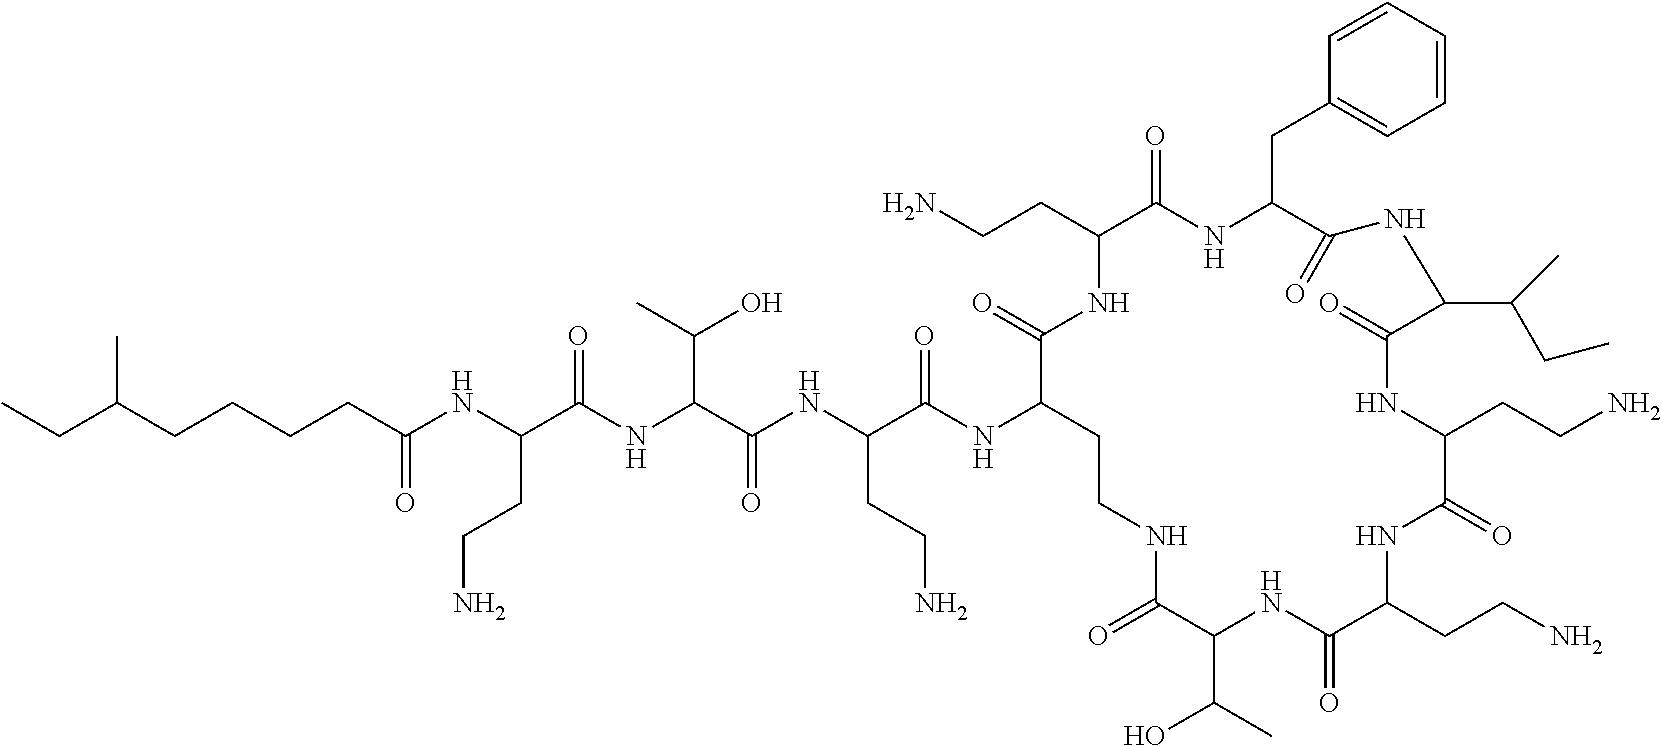 Figure US08937040-20150120-C00003